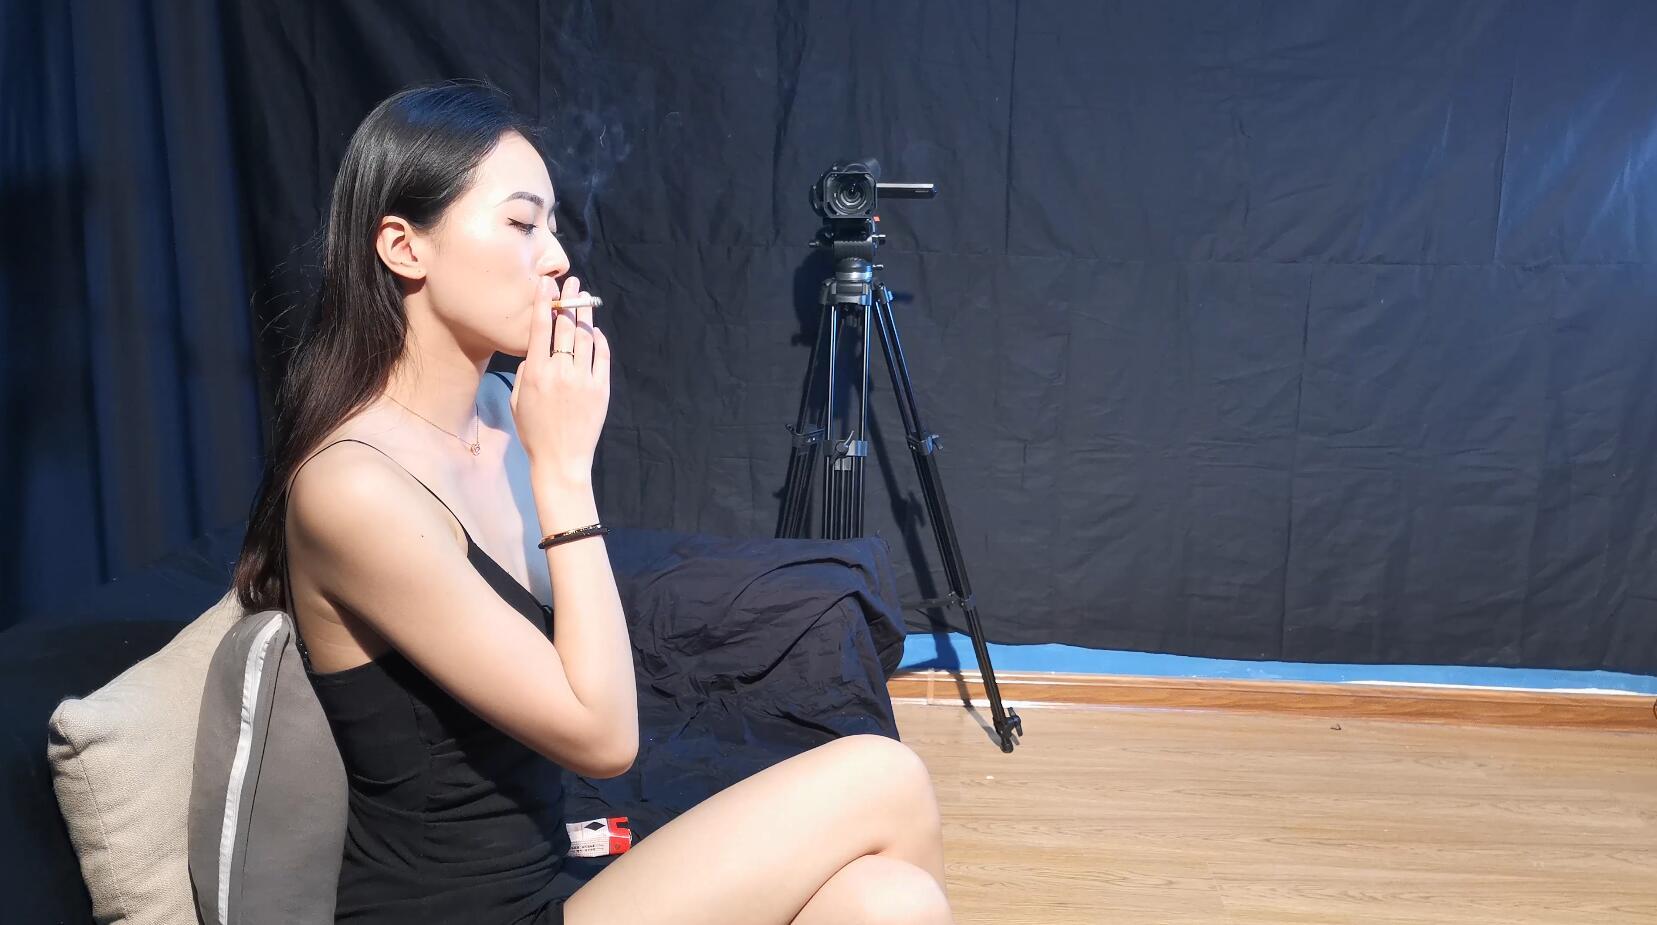 大女神薄荷小姐姐性感抽烟系列[MP4/1.31GB/度盘/Dubox]